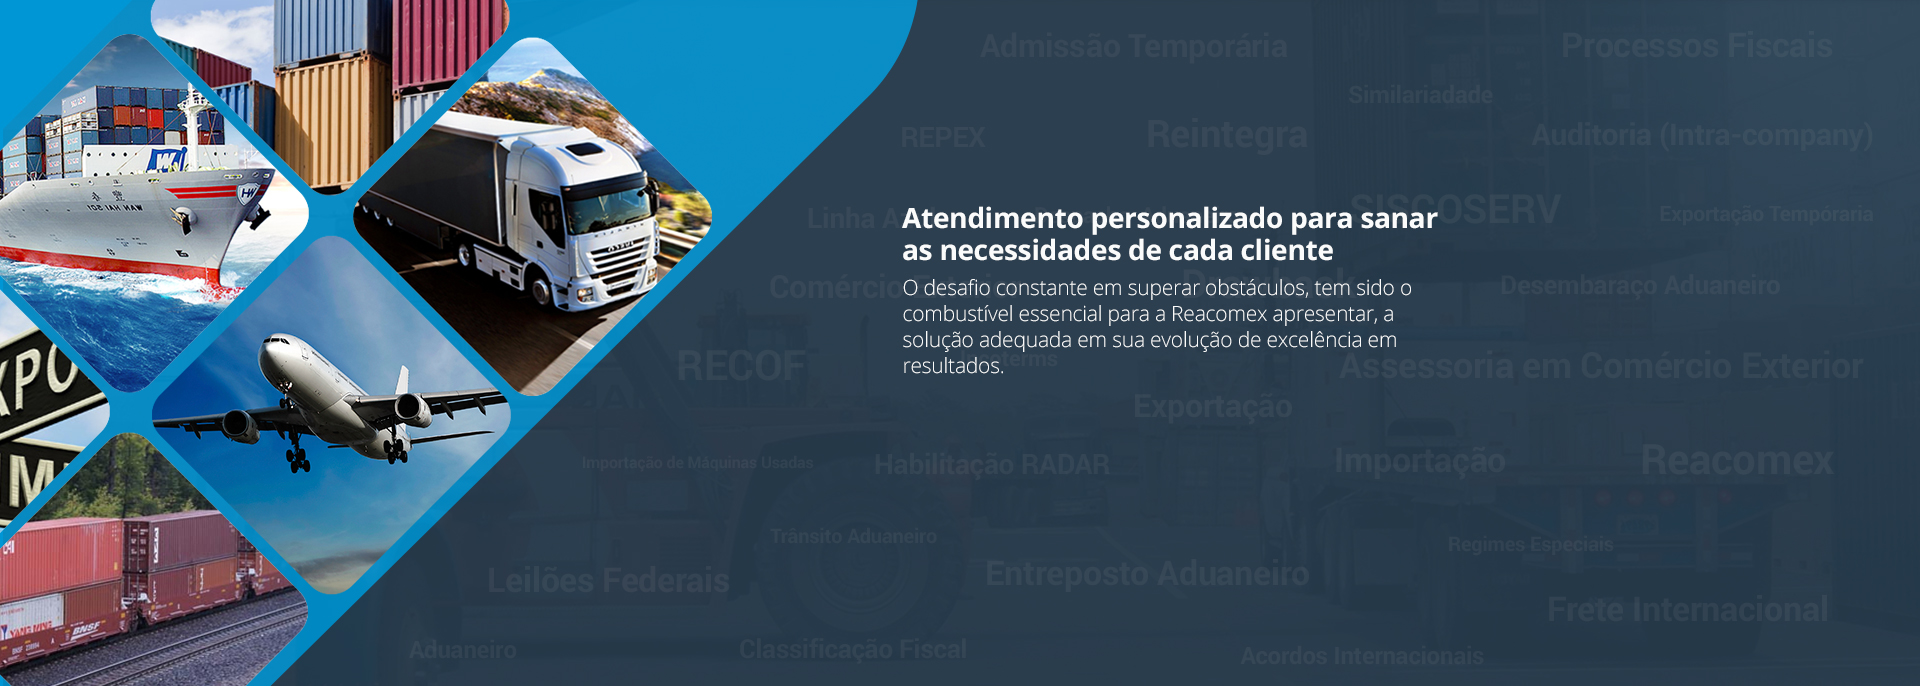 Atendimento personalizado de assessoria em comércio exterior